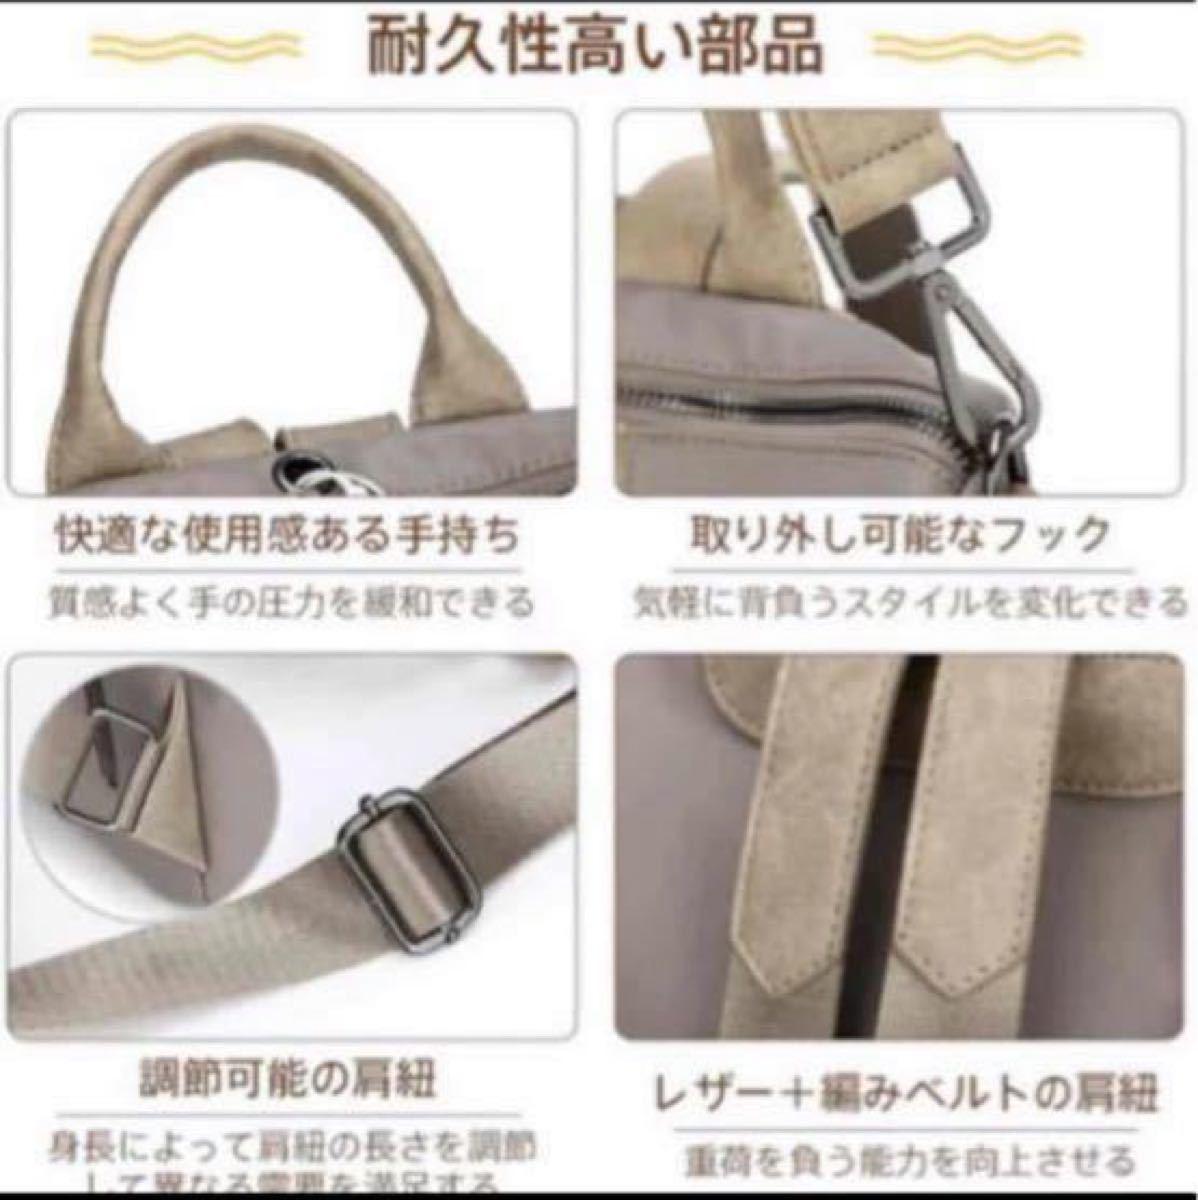 リュック レディース ショルダー 盗難防止 防水 大容量 軽量 マザーバッグ